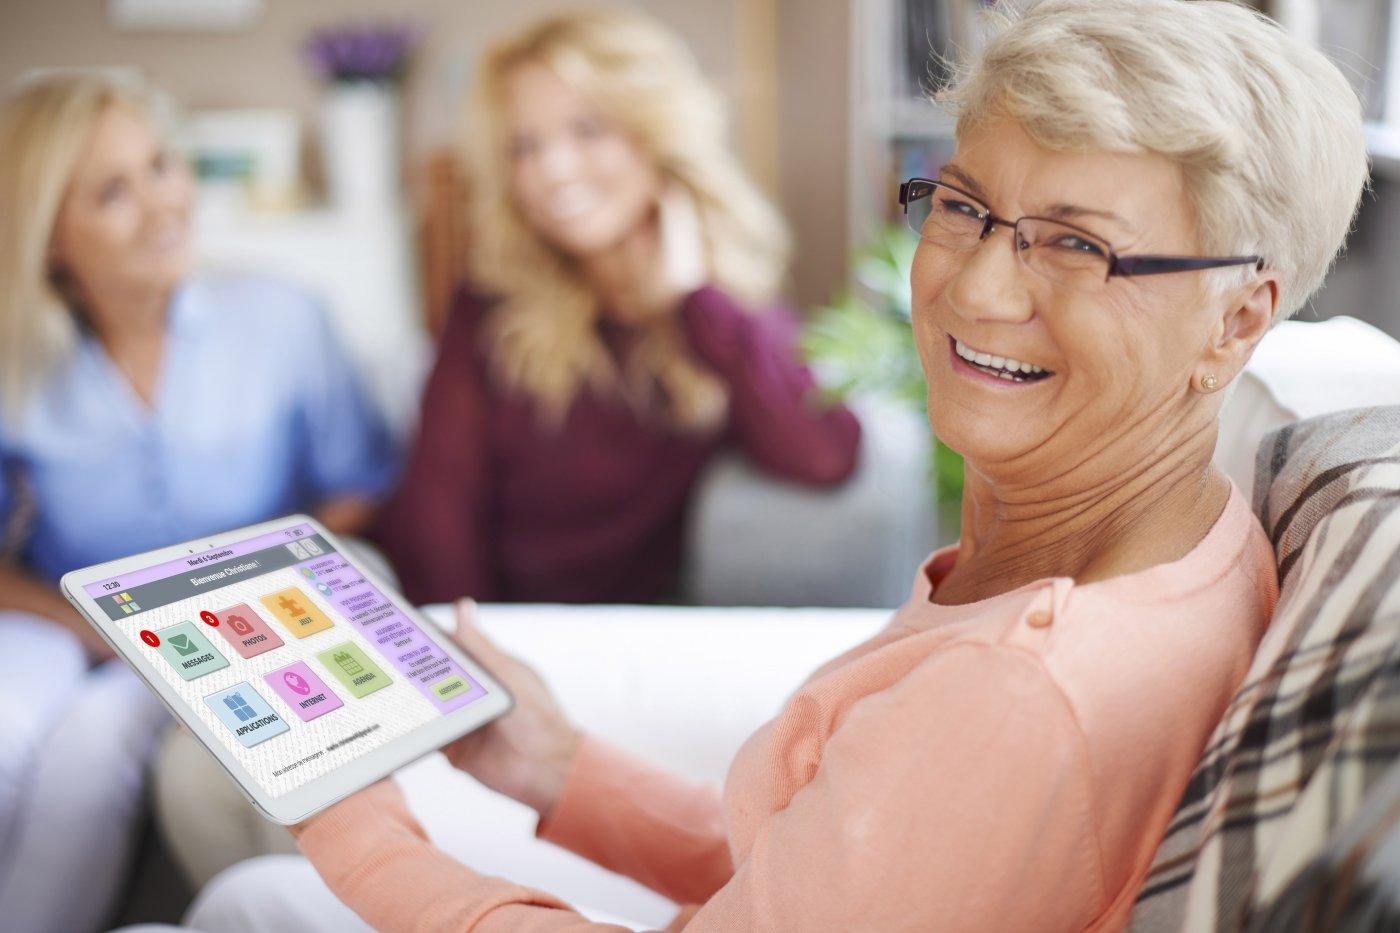 tablette-actuelle-pour-etre-dans-air-du-temps